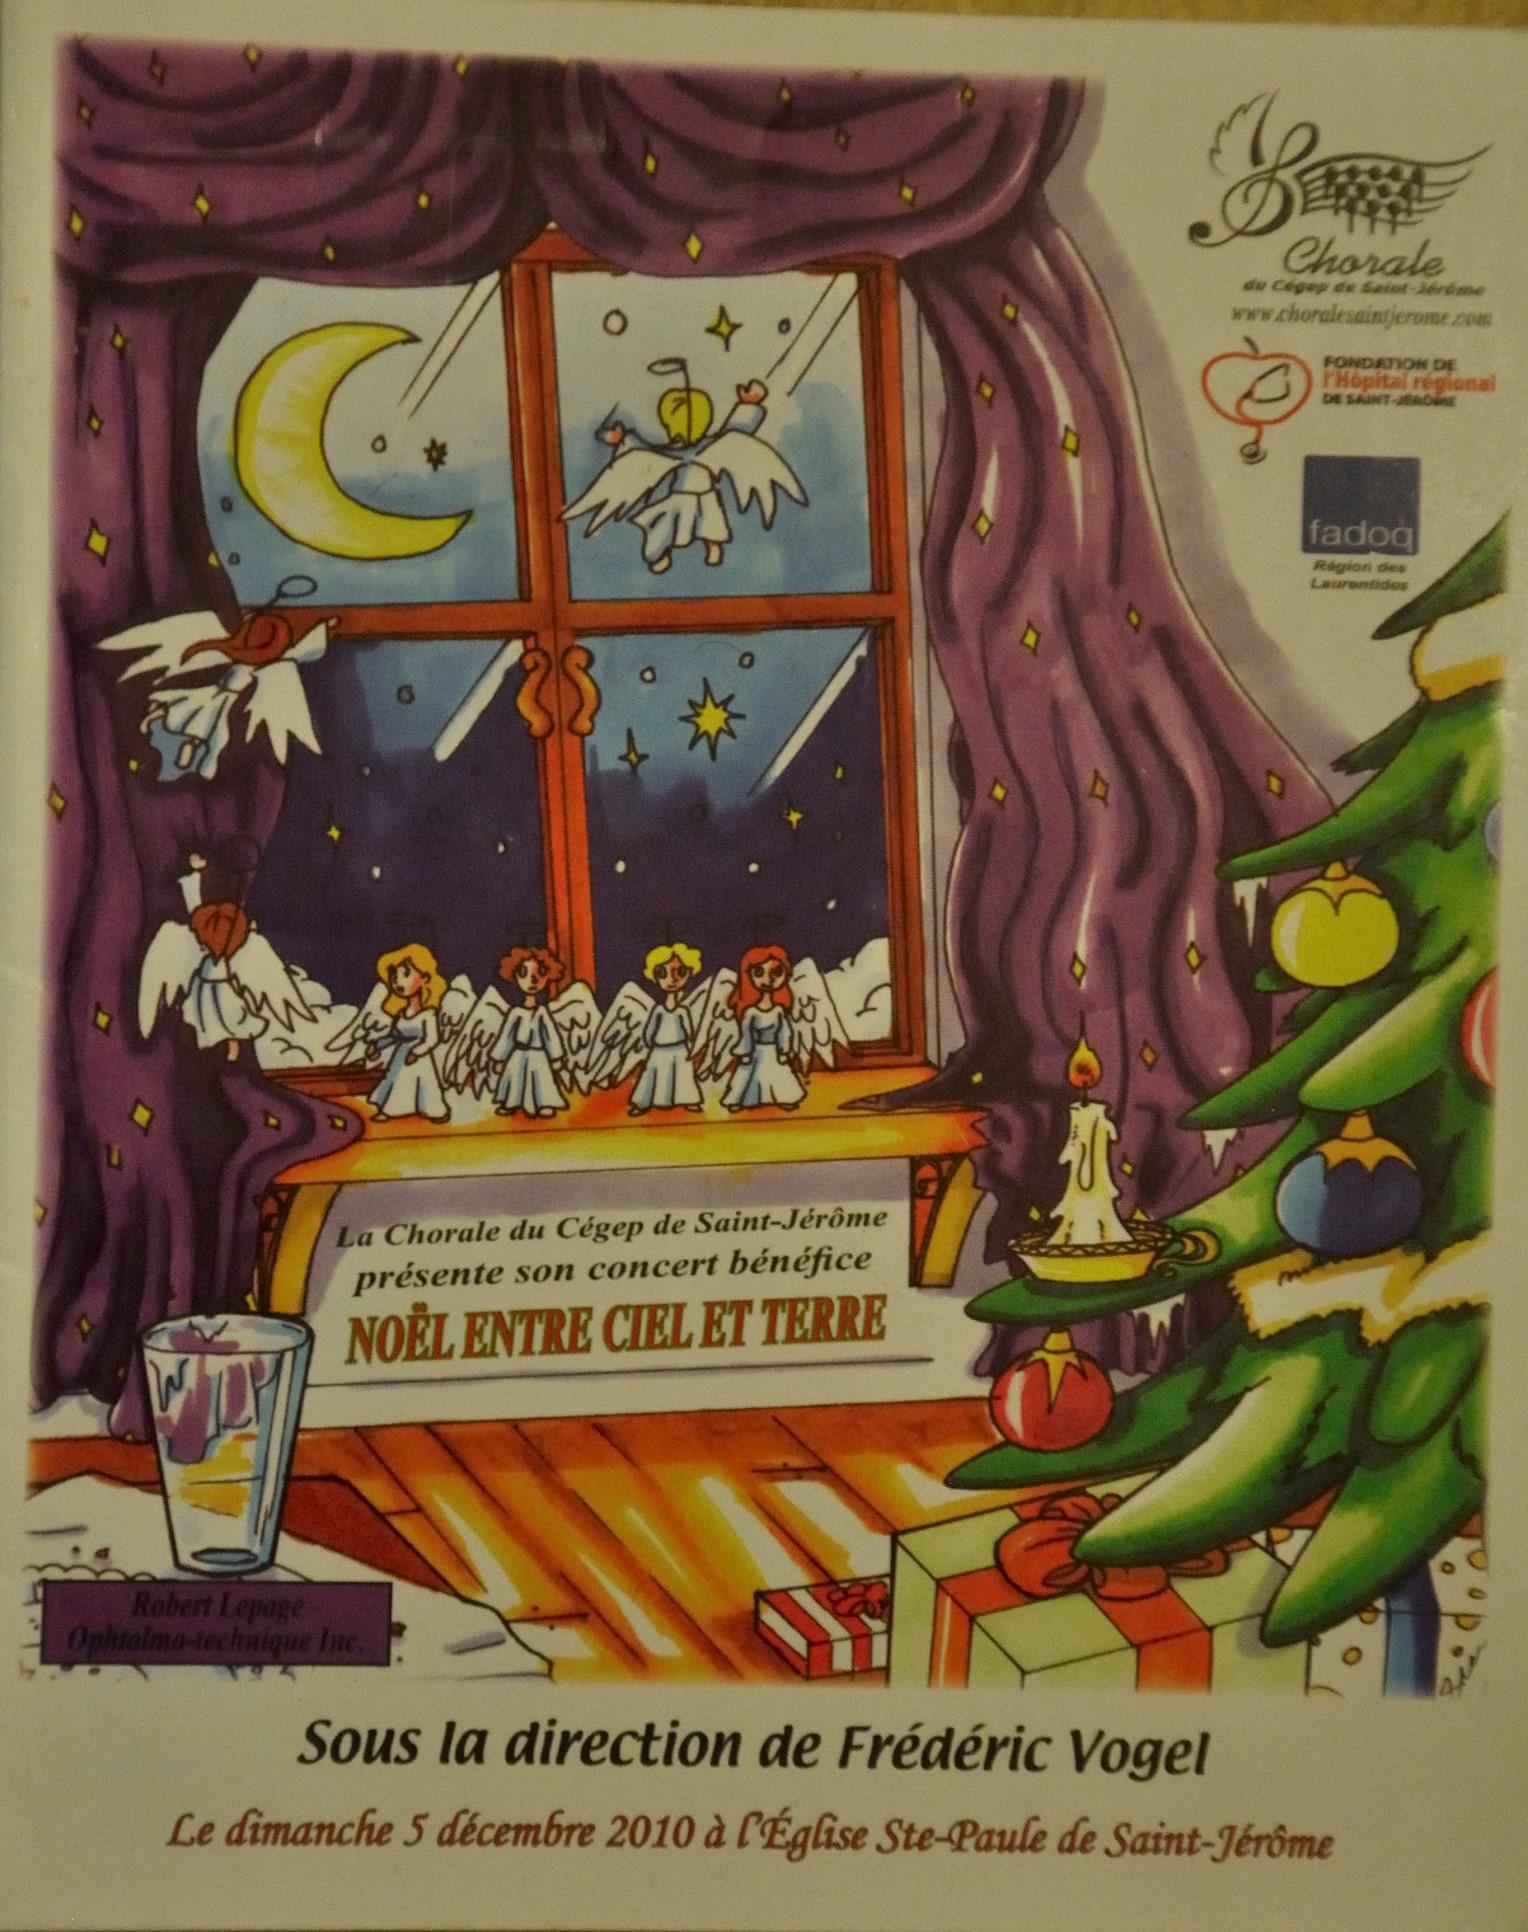 2010-5_décembre_Noël_entre_ciel_et_terre